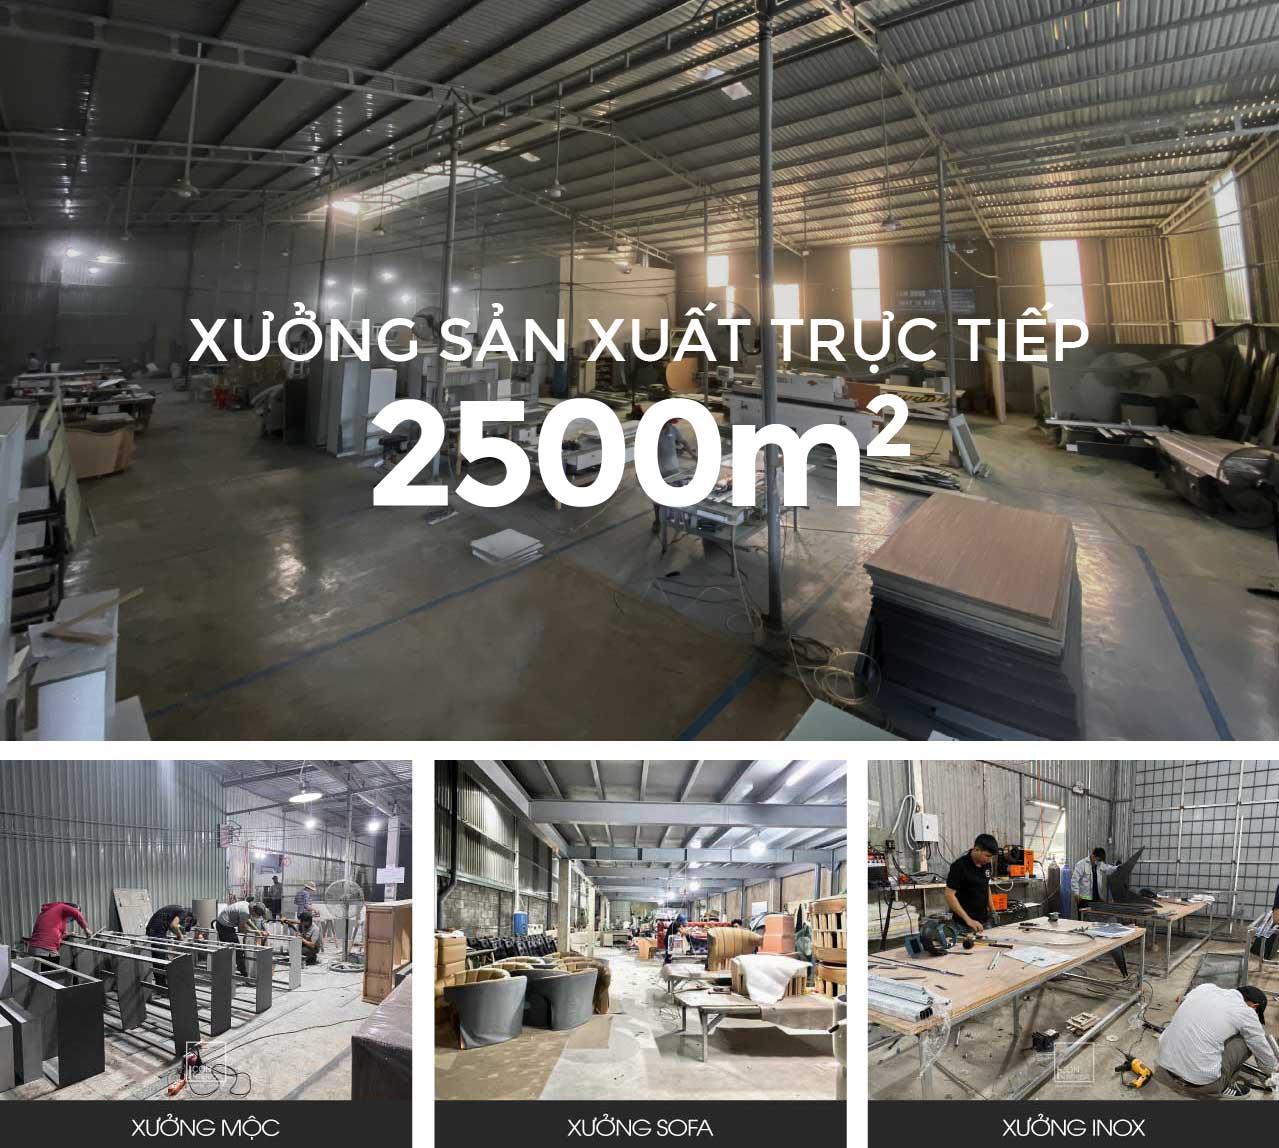 xuong-san-xuat-2500m2